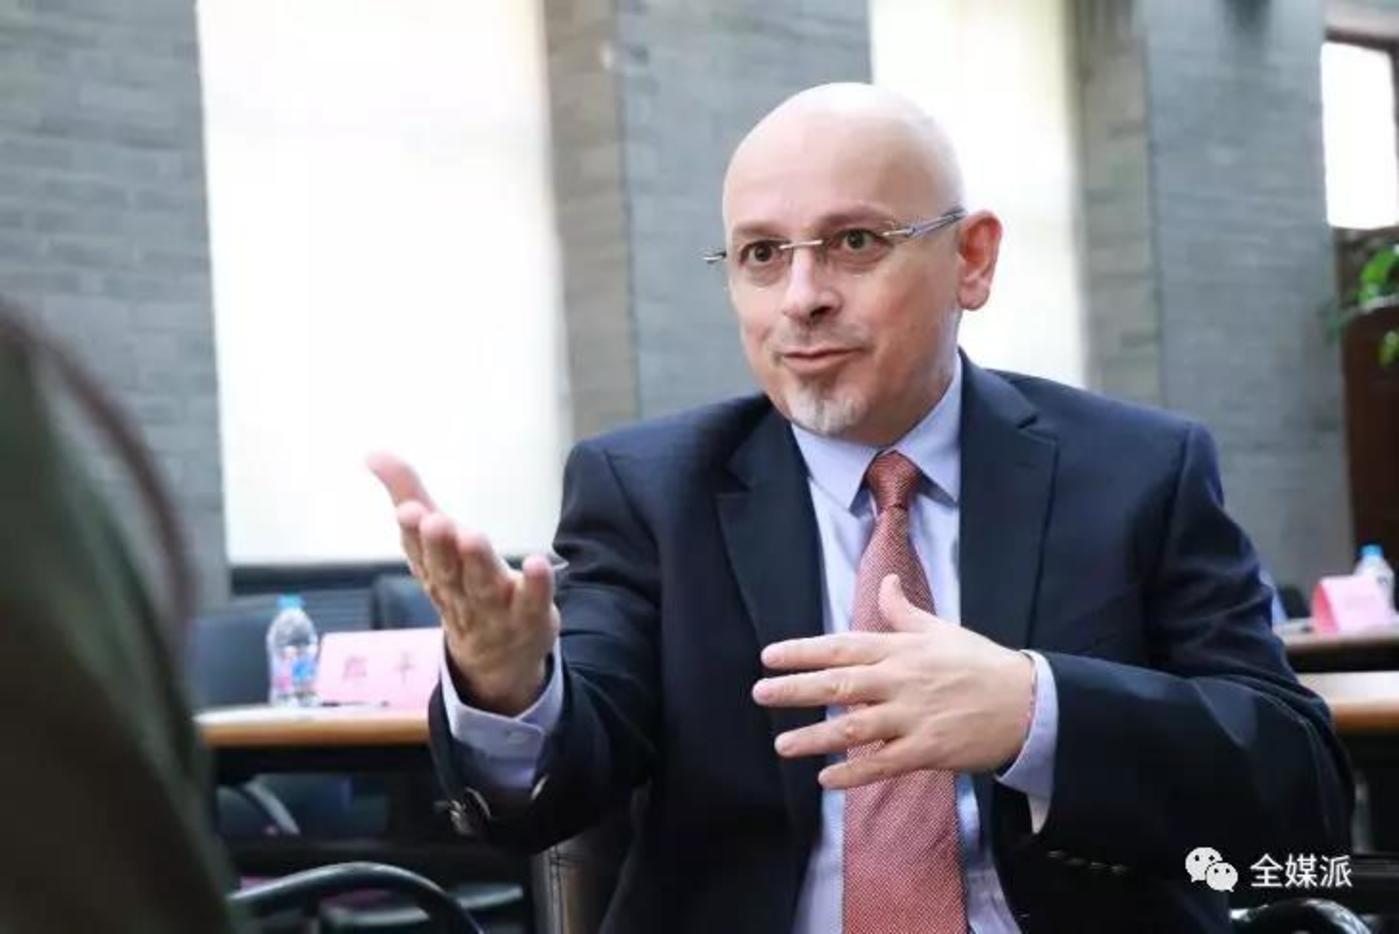 约万·库尔巴利亚教授